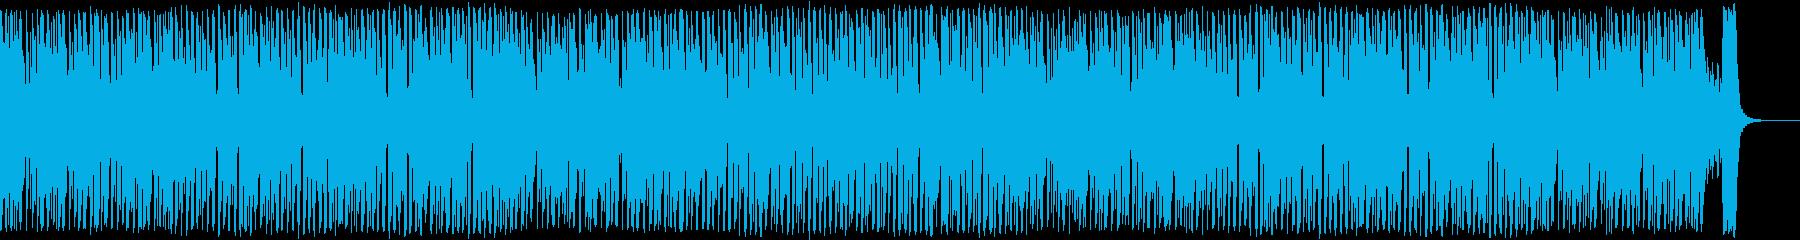 明るく爽やか!ゲーム向け王道日常系BGMの再生済みの波形